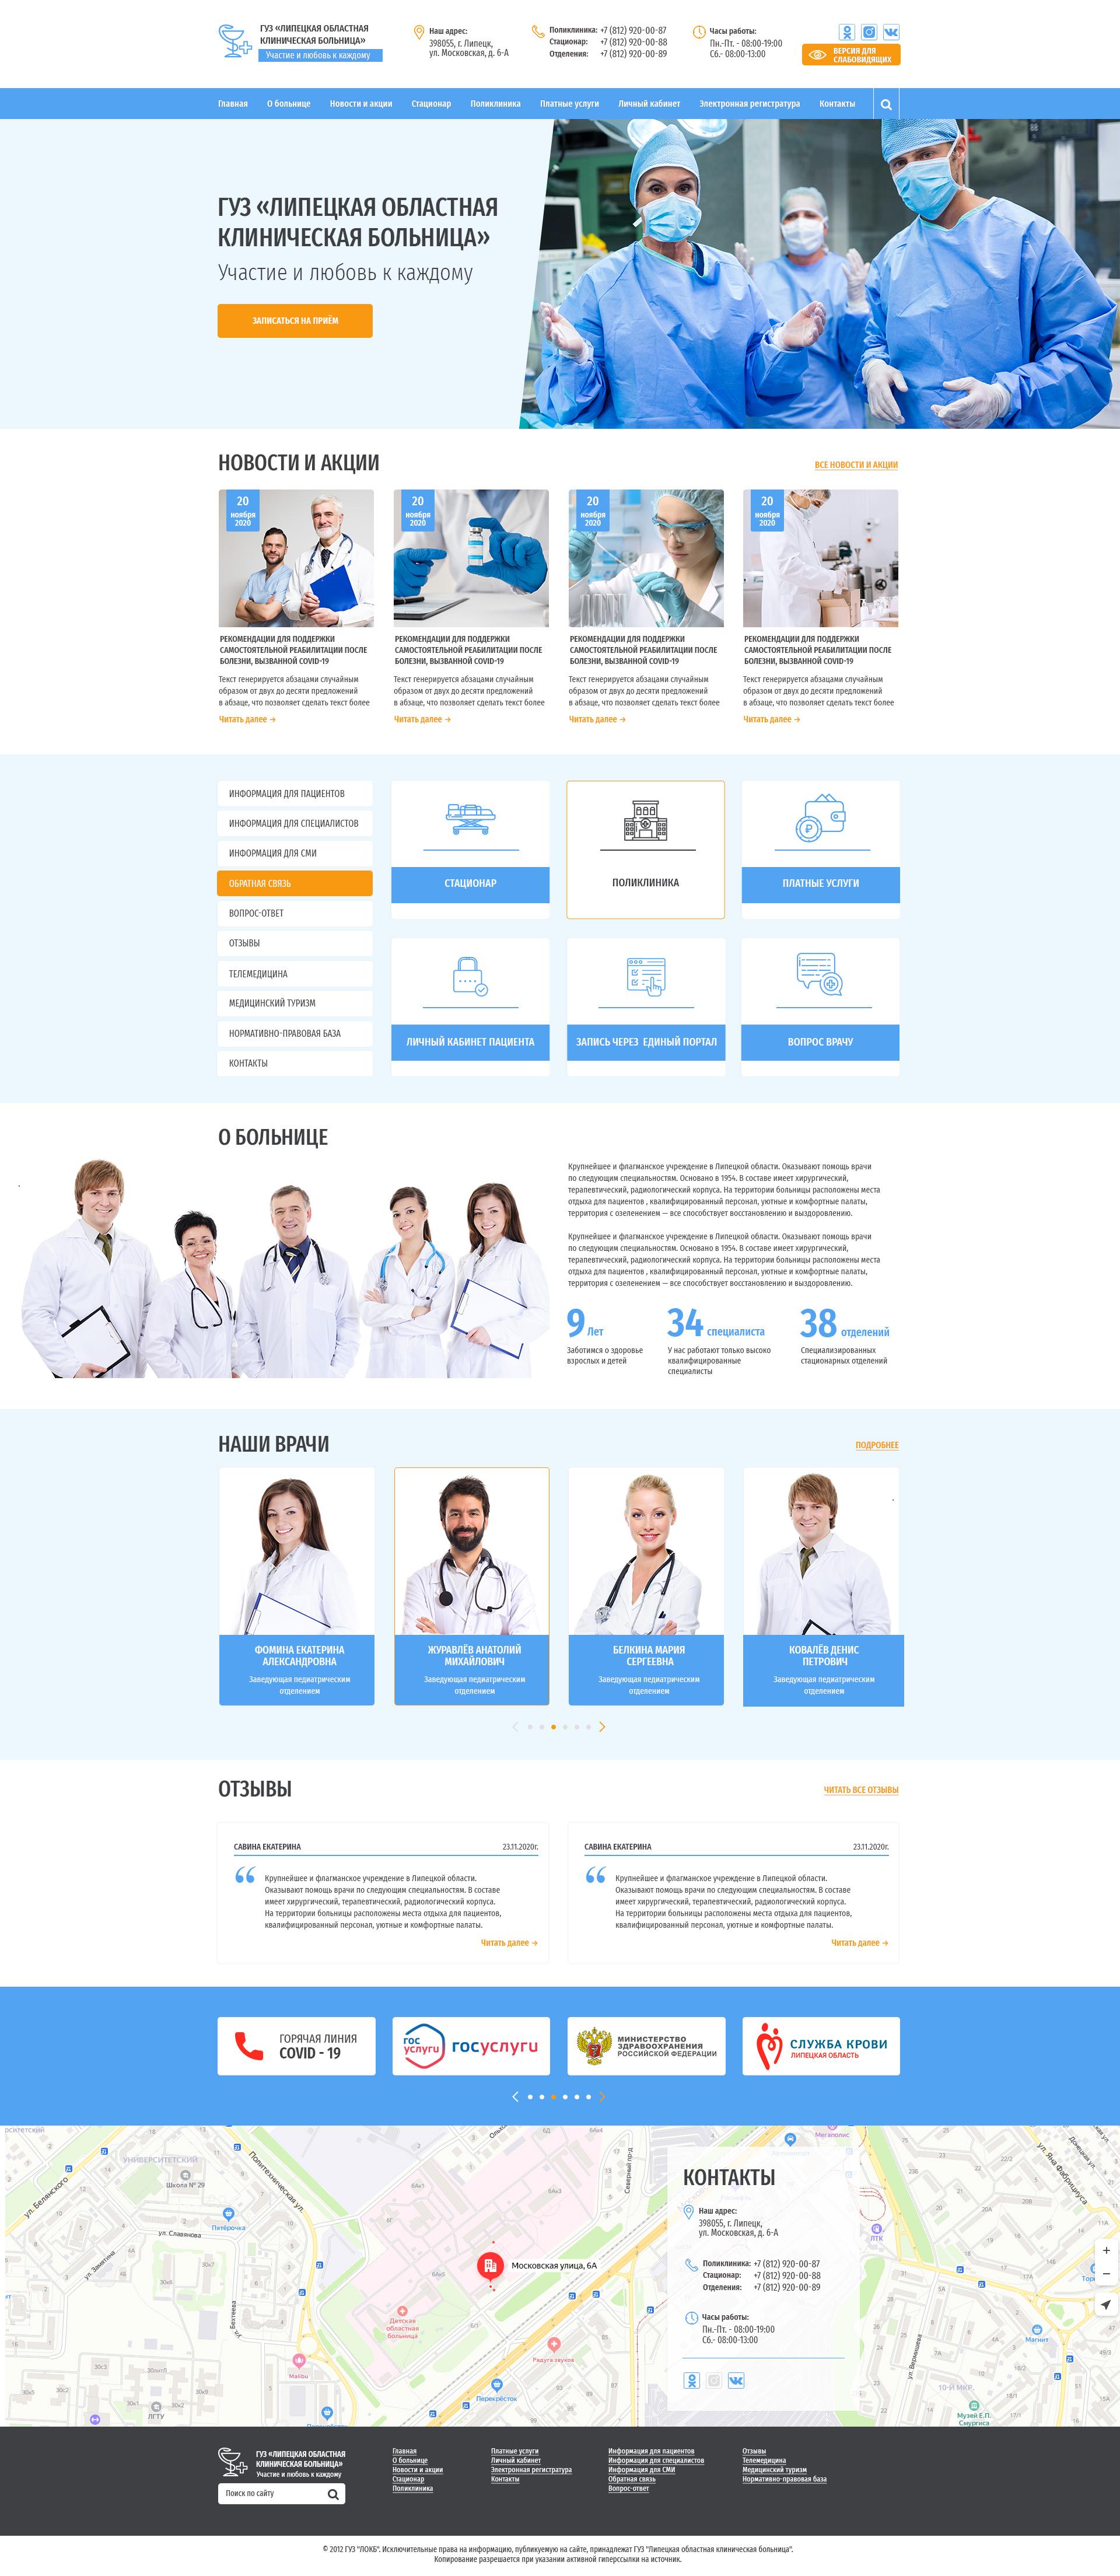 Дизайн для сайта больницы. Главная страница + 2 внутренних. фото f_9855fb569bd39ec9.jpg